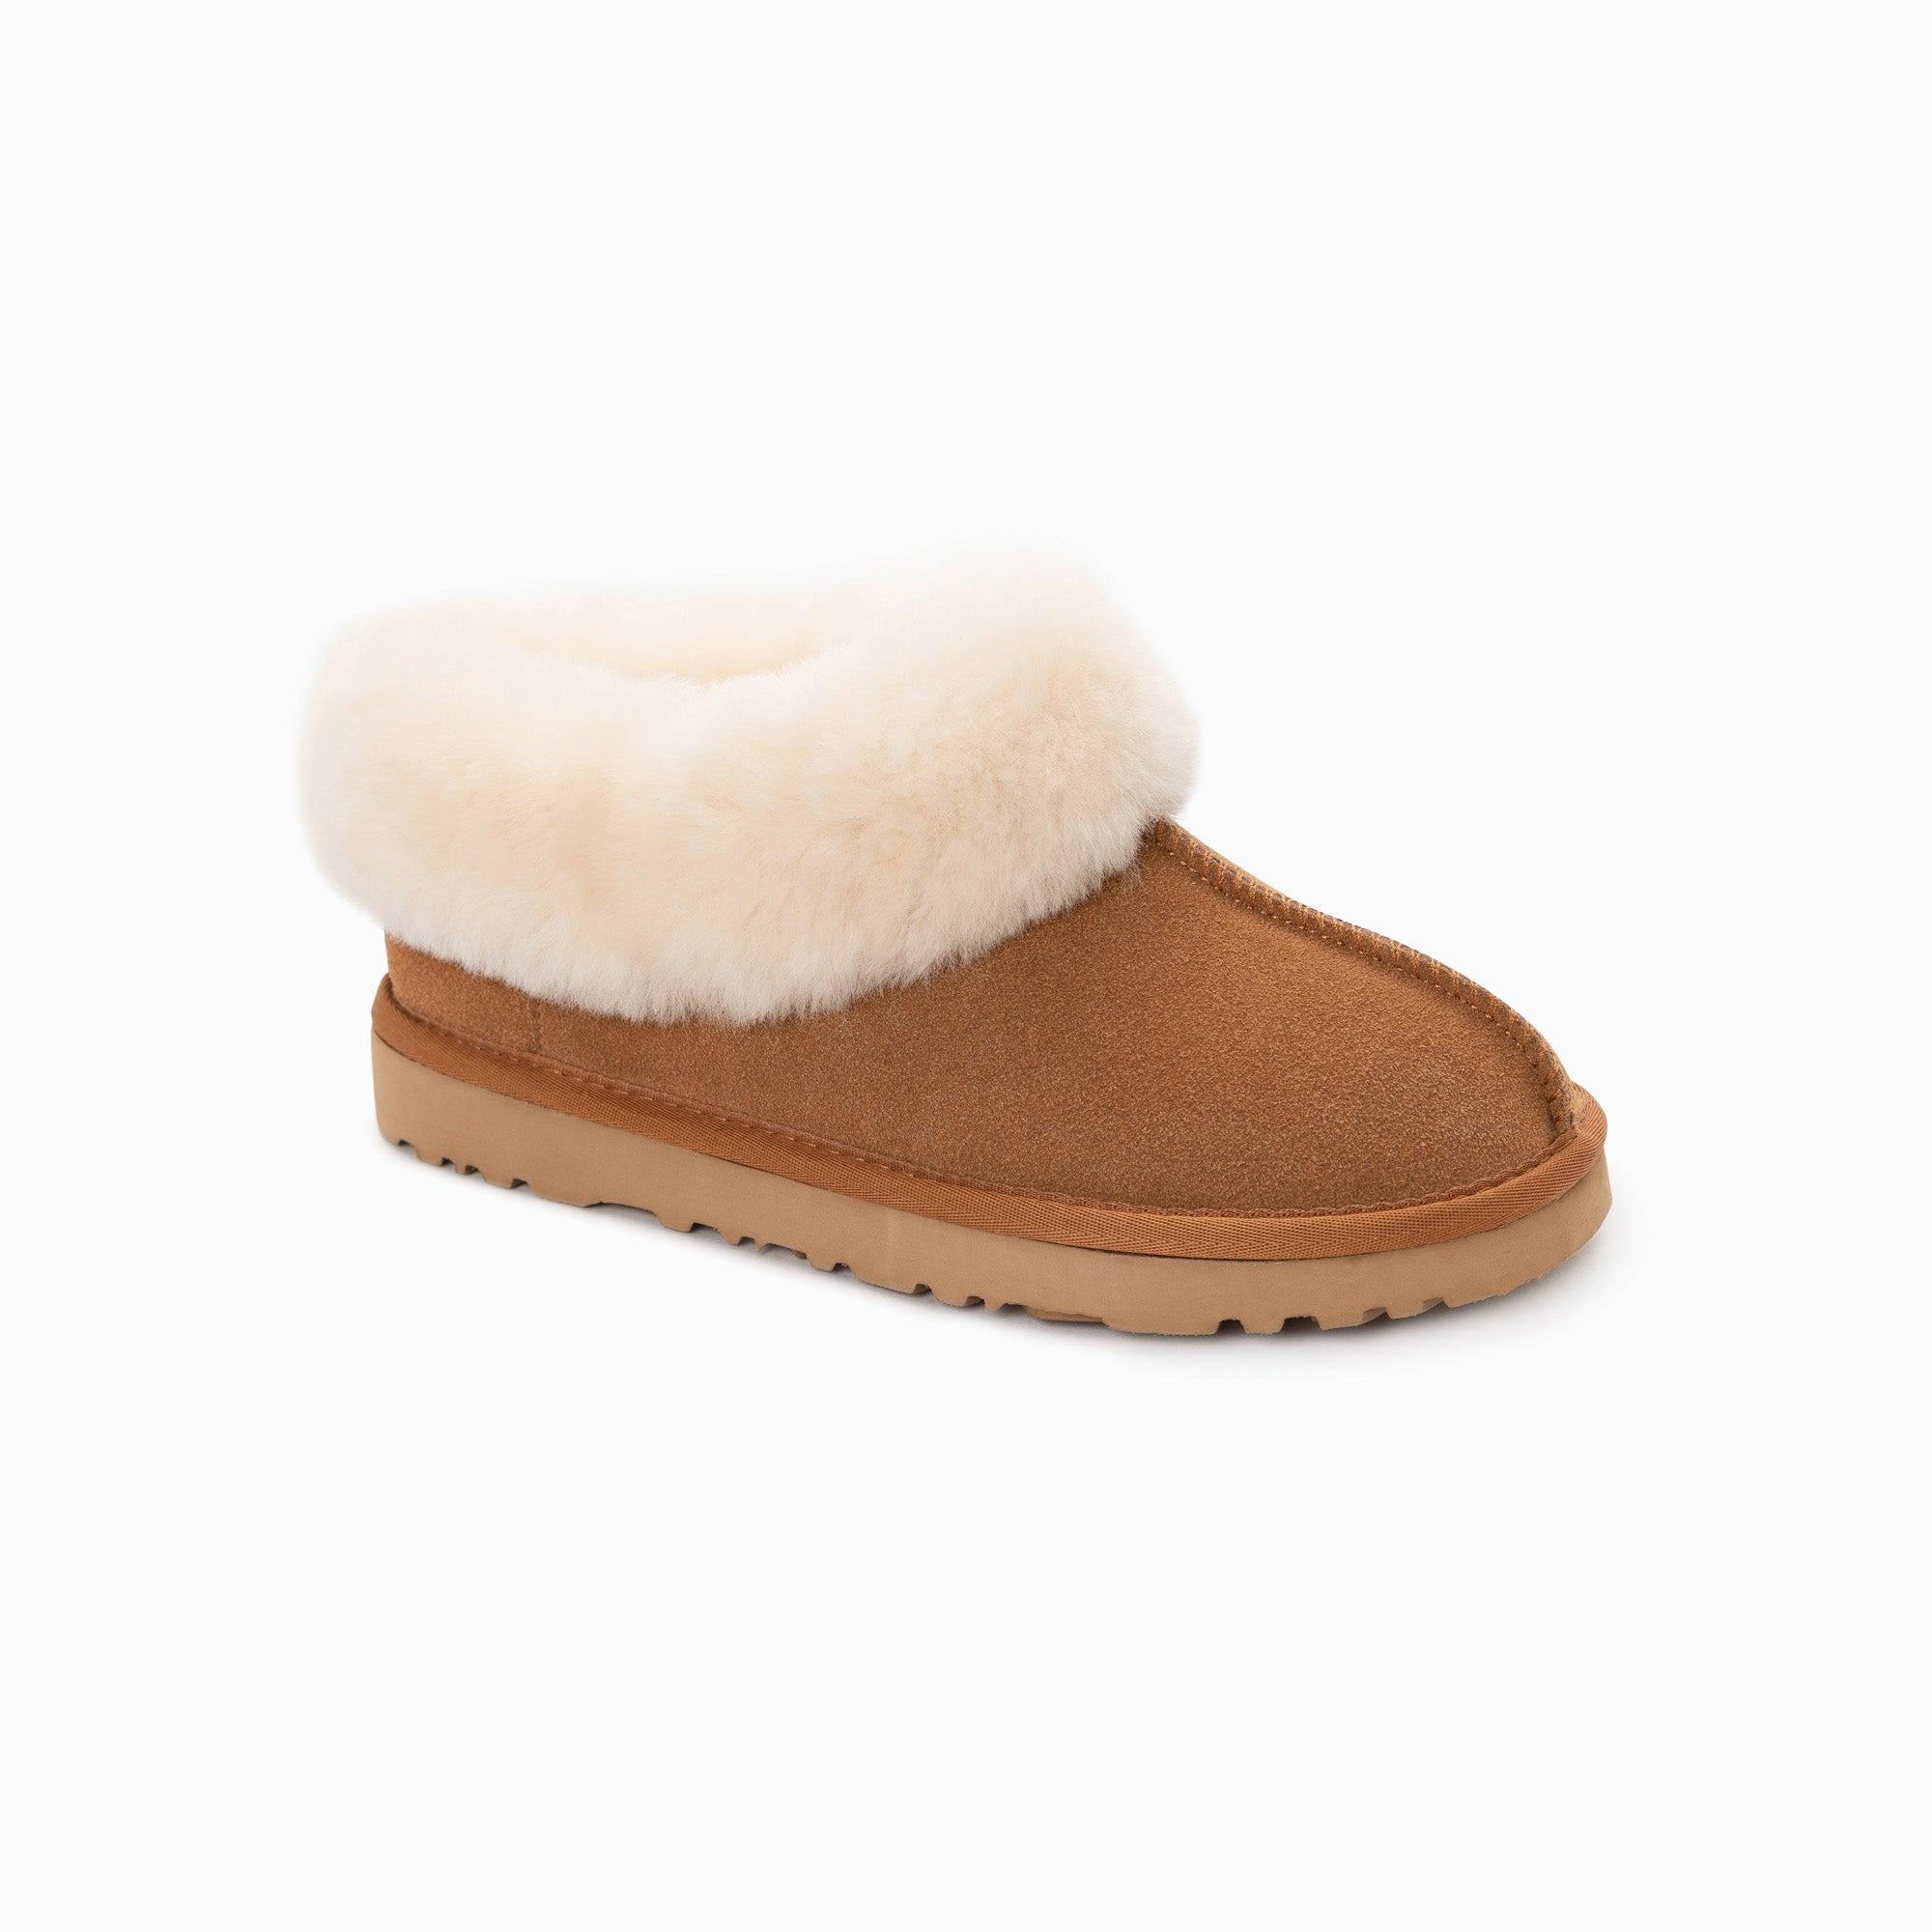 UGG Slippers Collar Unisex Premium Sheepskin Slippers Suede